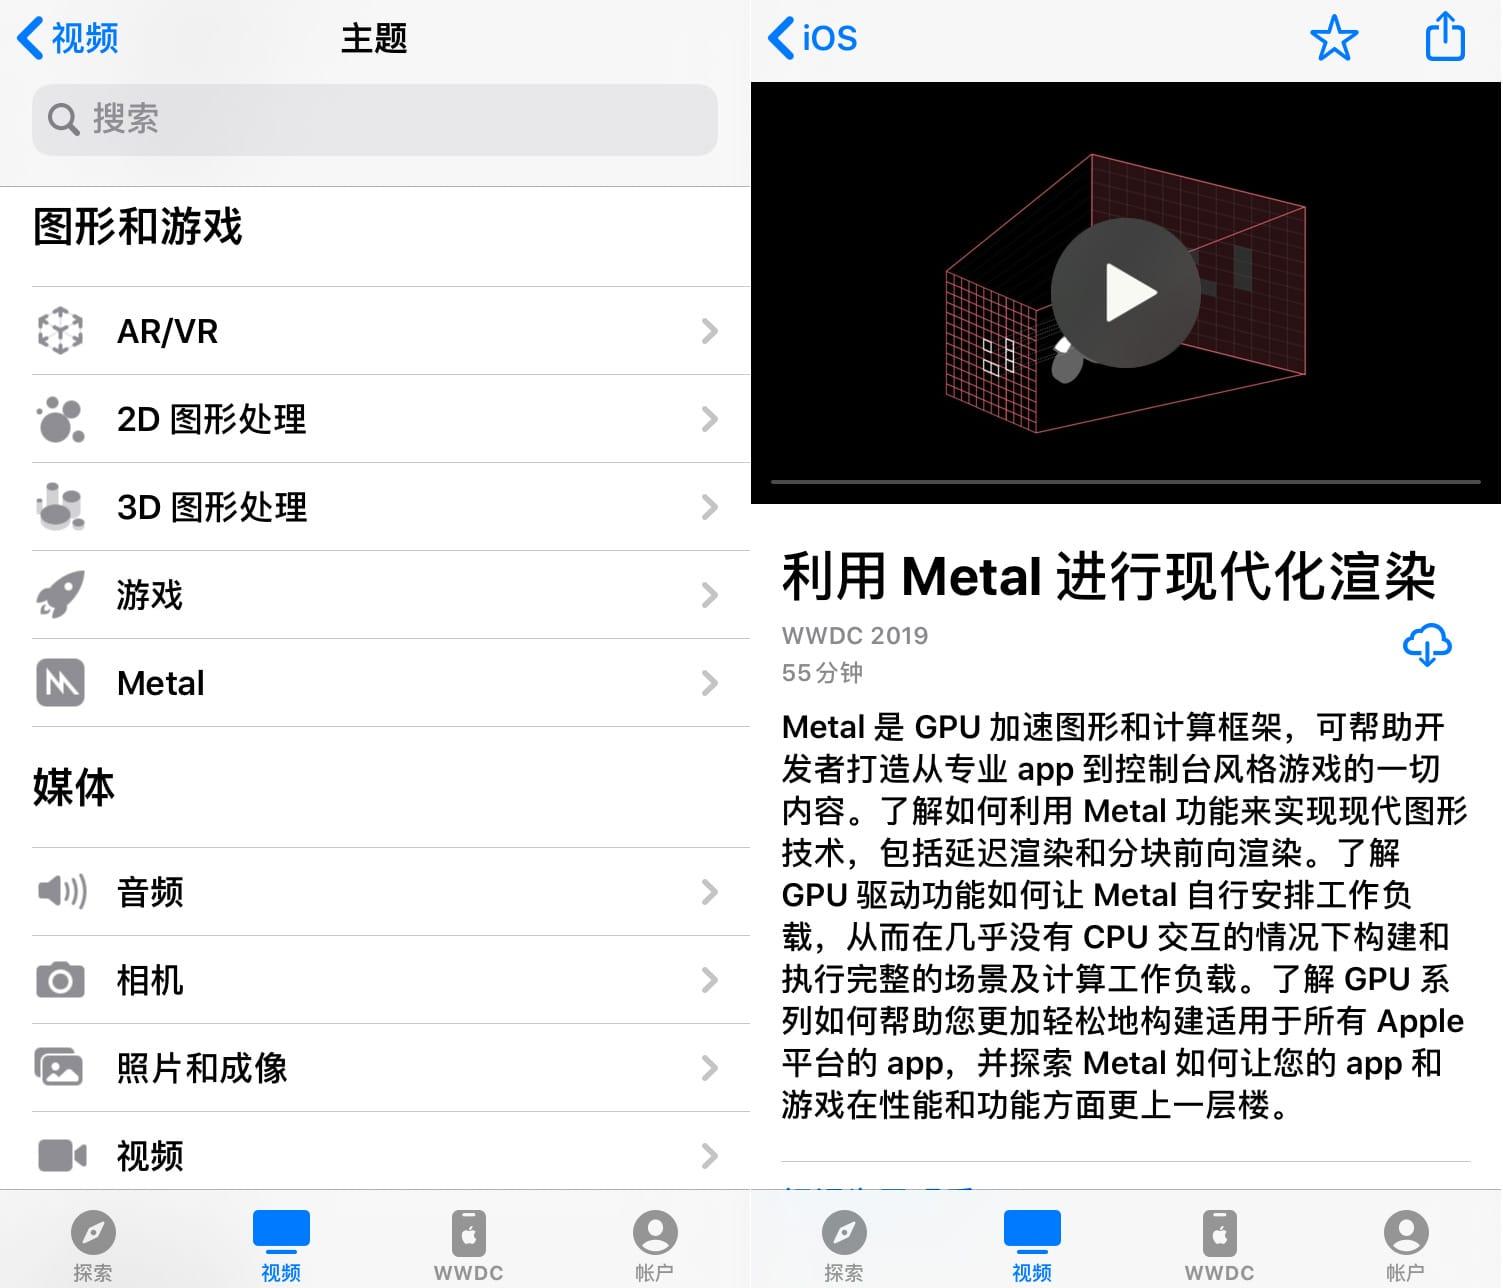 想更深入了解和学习iOS,那么这款宝藏APP你一定要装上!